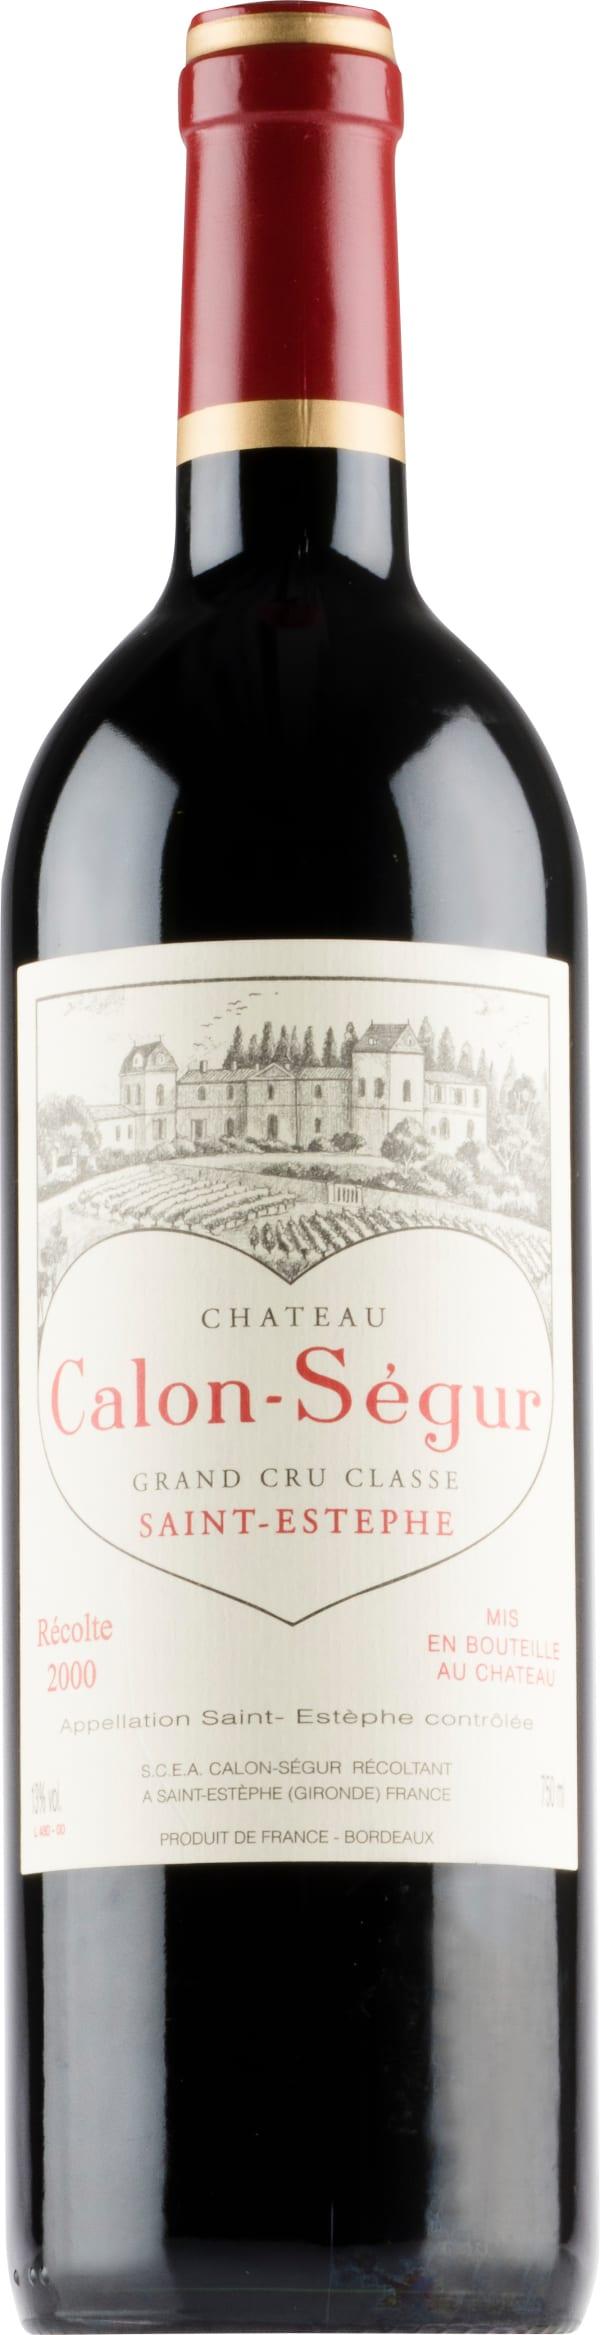 Château Calon-Ségur 2000